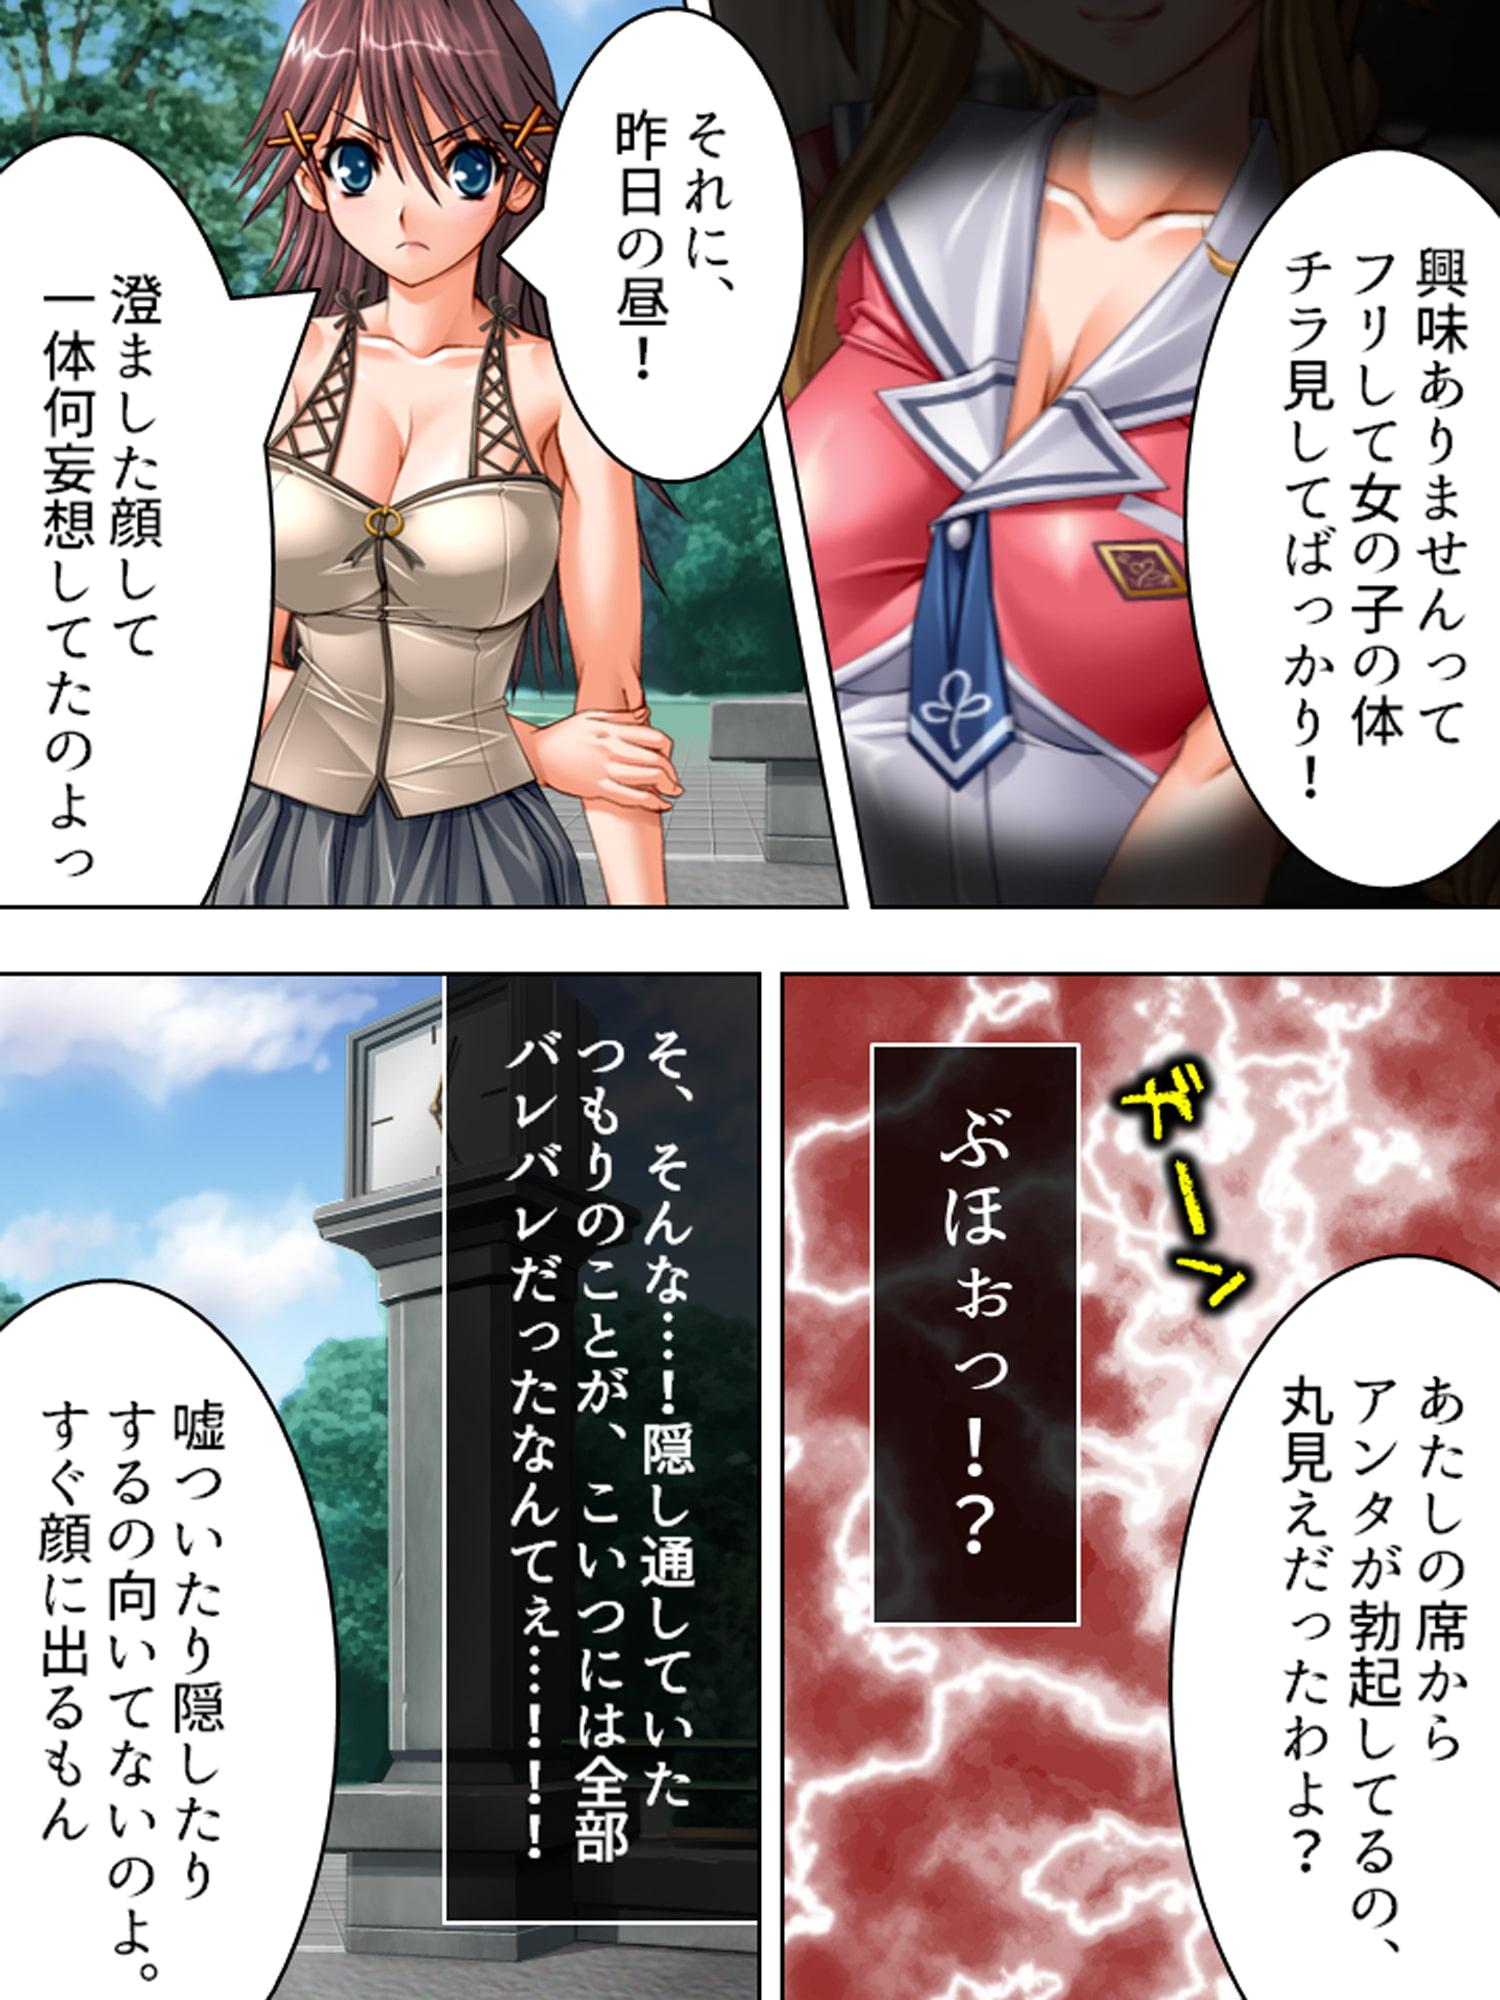 男も女もムッツリスケベ ~制服脱いでお勉強~ 第1巻